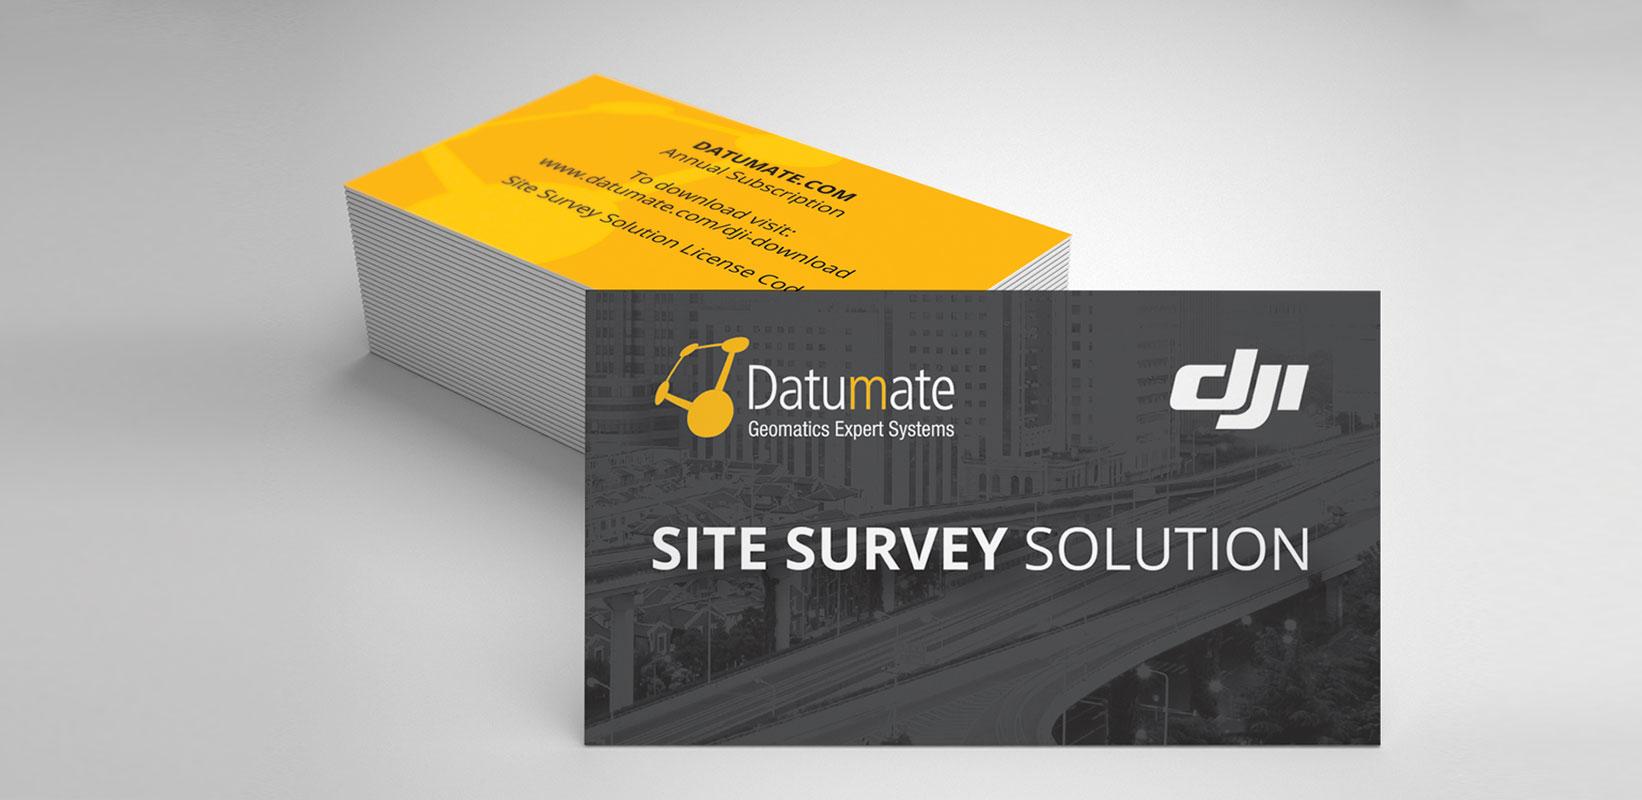 DI Branding & Design - customers - DATUMATE